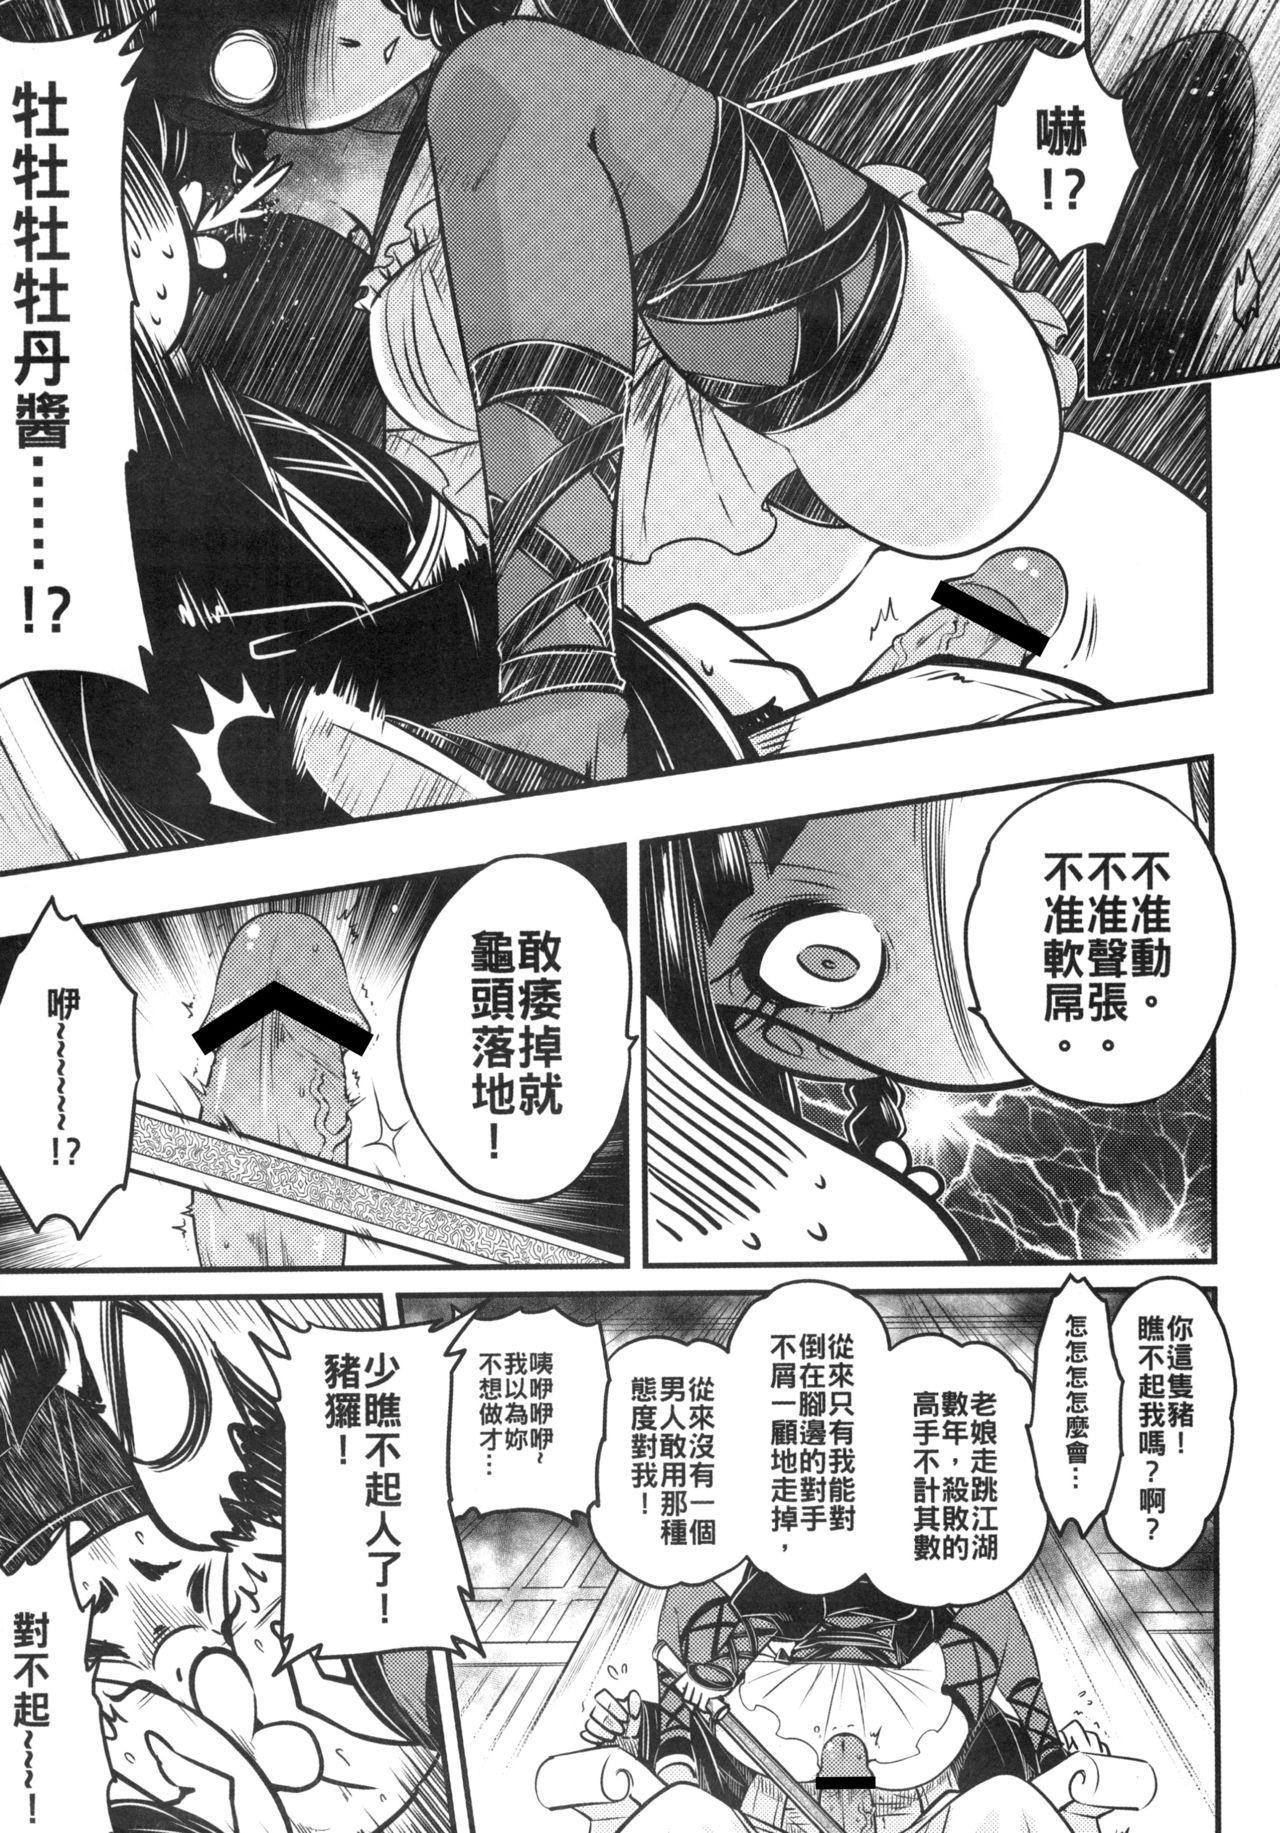 Hyakkasou3 《Hekigan rasetsu no gyakushuu》 6